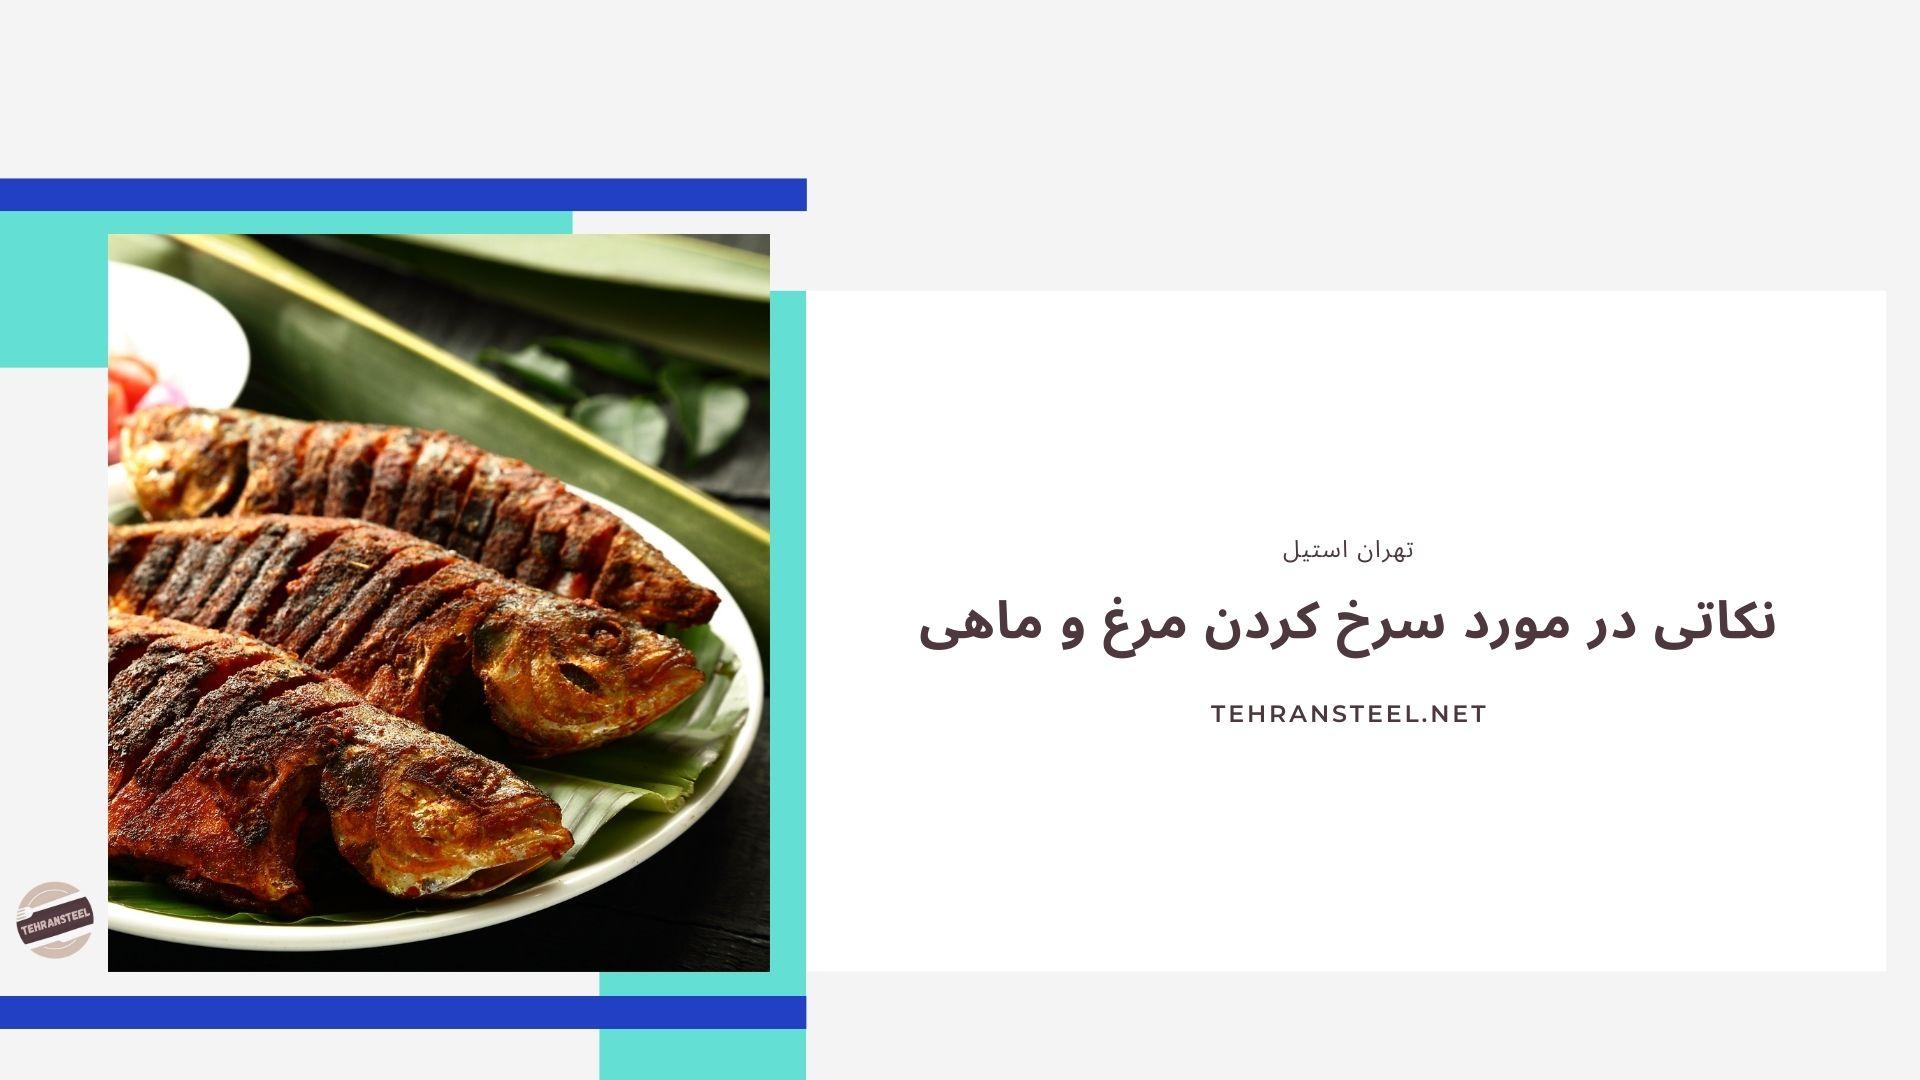 نکاتی در مورد سرخ کردن مرغ و ماهی